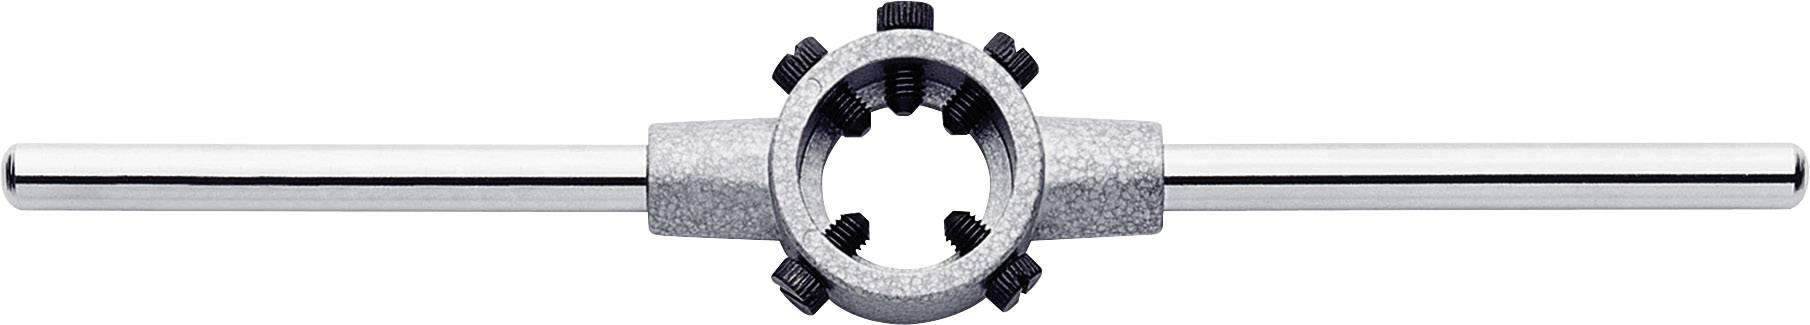 Držák pro řezání vnějších závitů DIN 255 Exact M 8